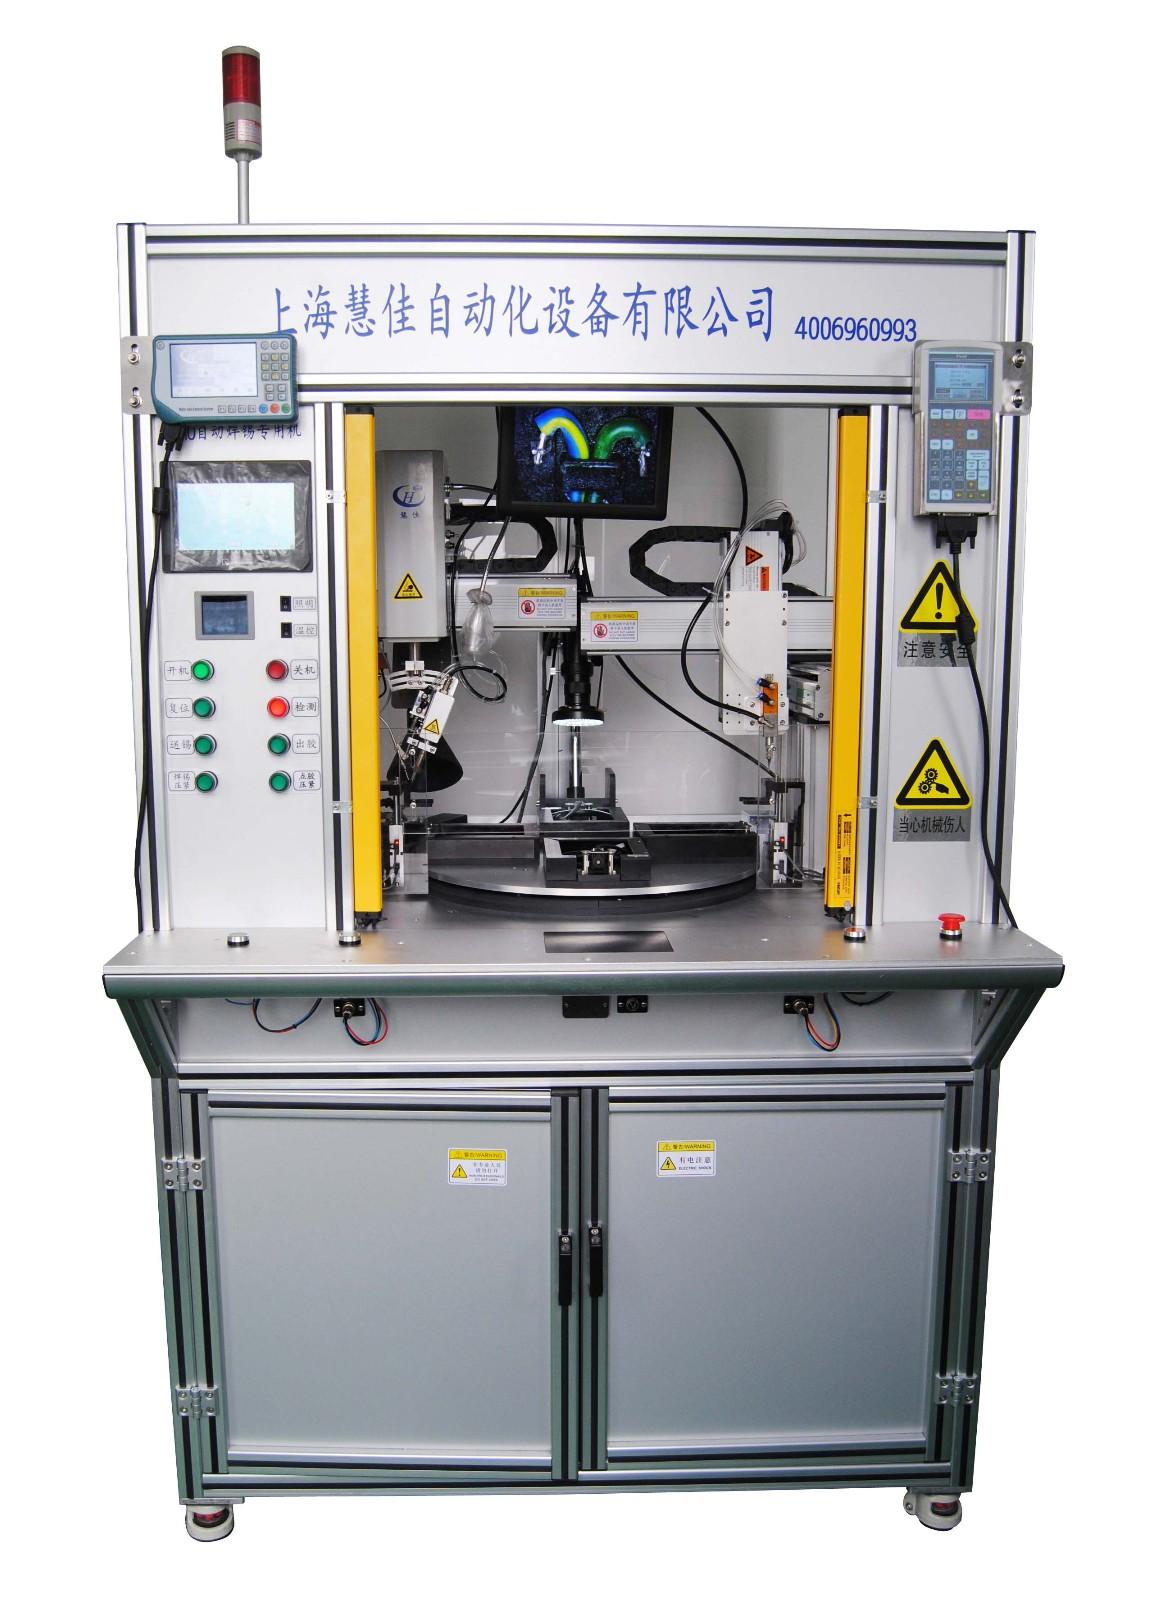 K10自动焊锡专用机.jpg